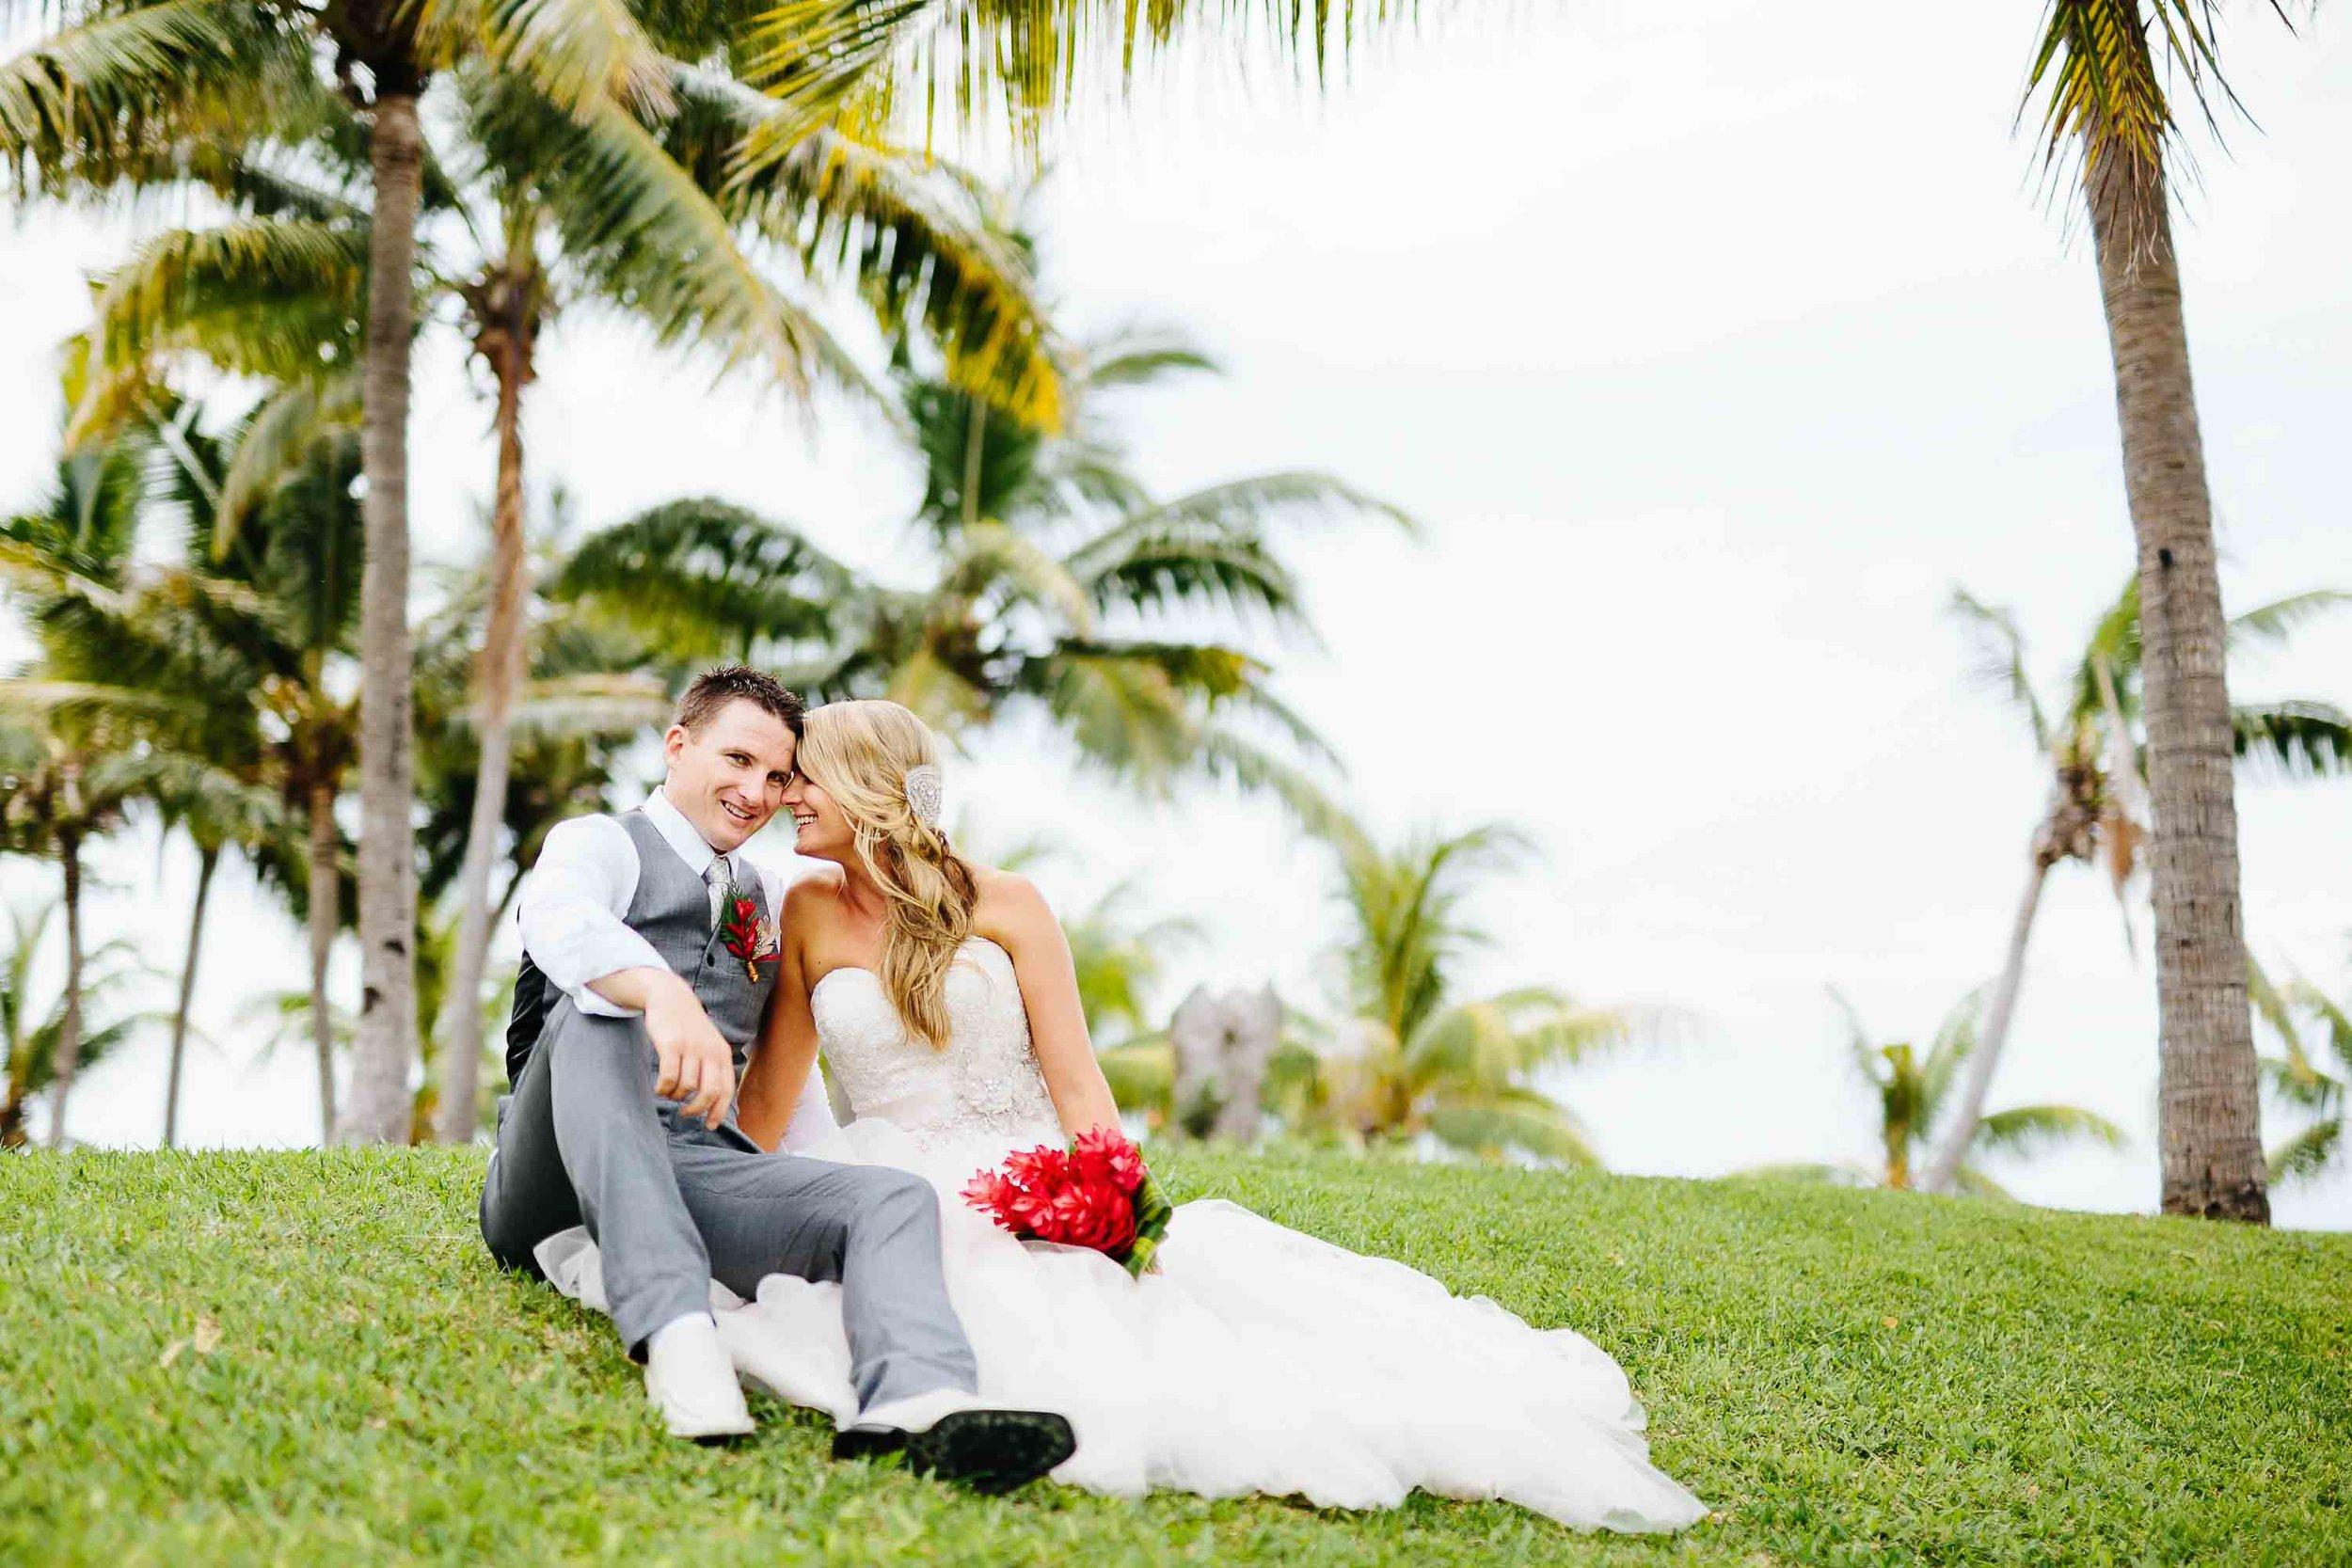 27-Annette-Andrew-Sofitel-Fiji-Wedding-108.jpg